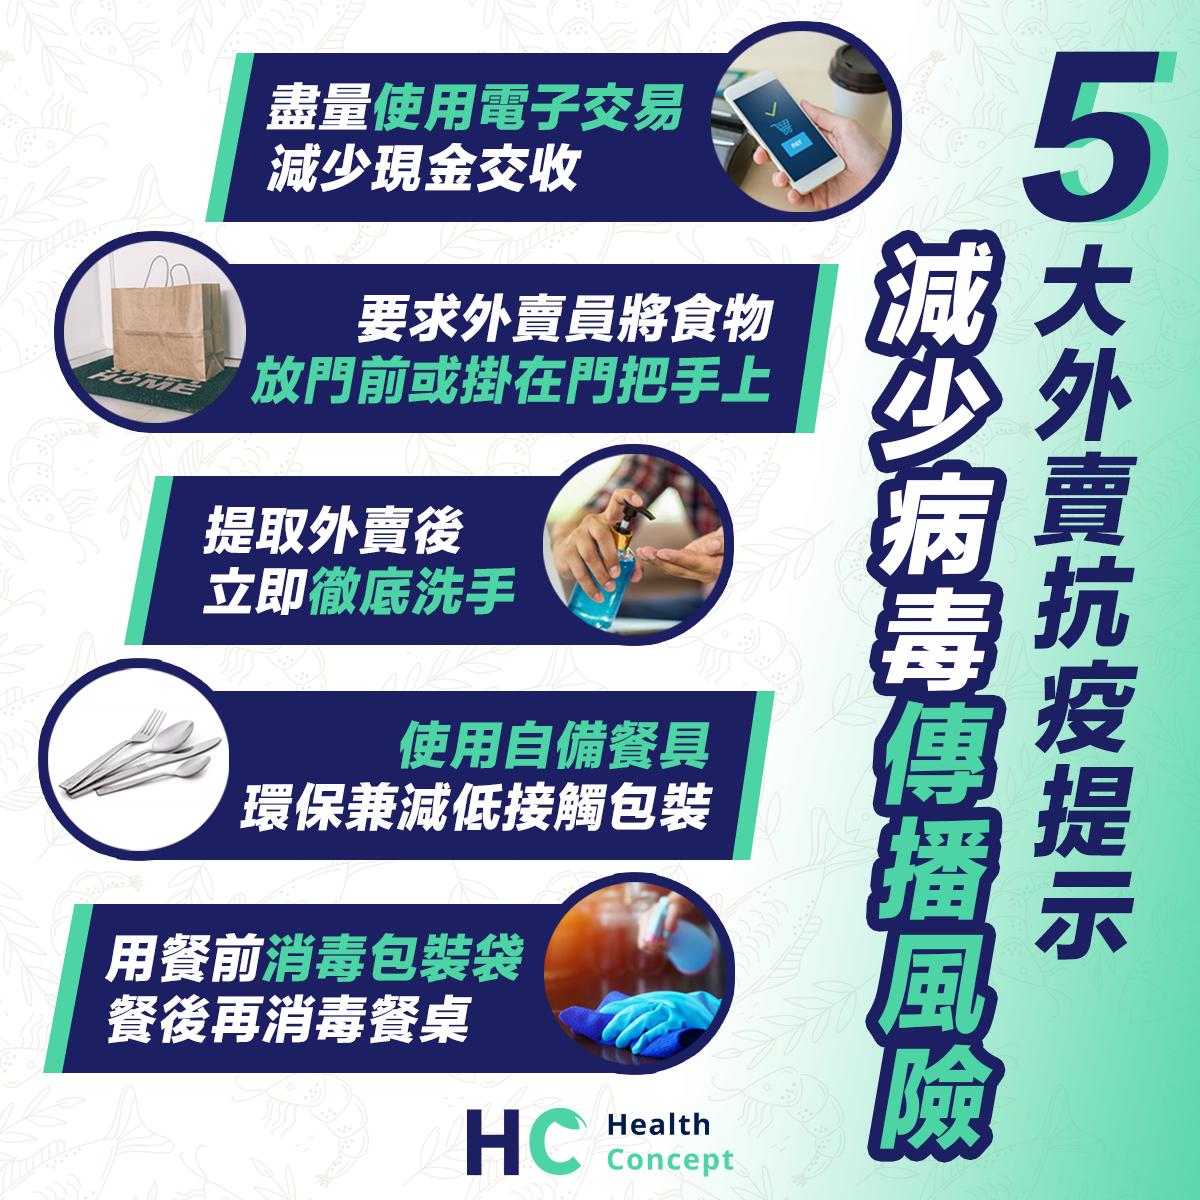 【#健康資訊】5大外賣抗疫提示 減少病毒傳播風險